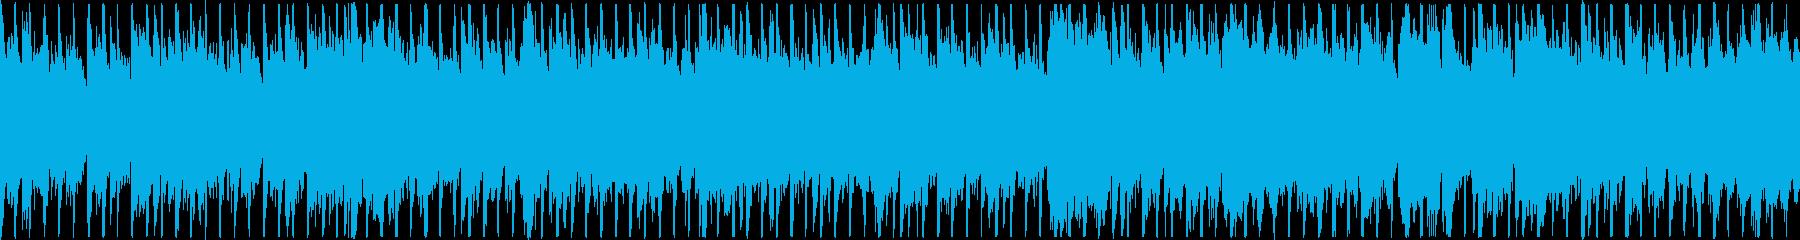 【loop】冒険進行しているオーケストラの再生済みの波形